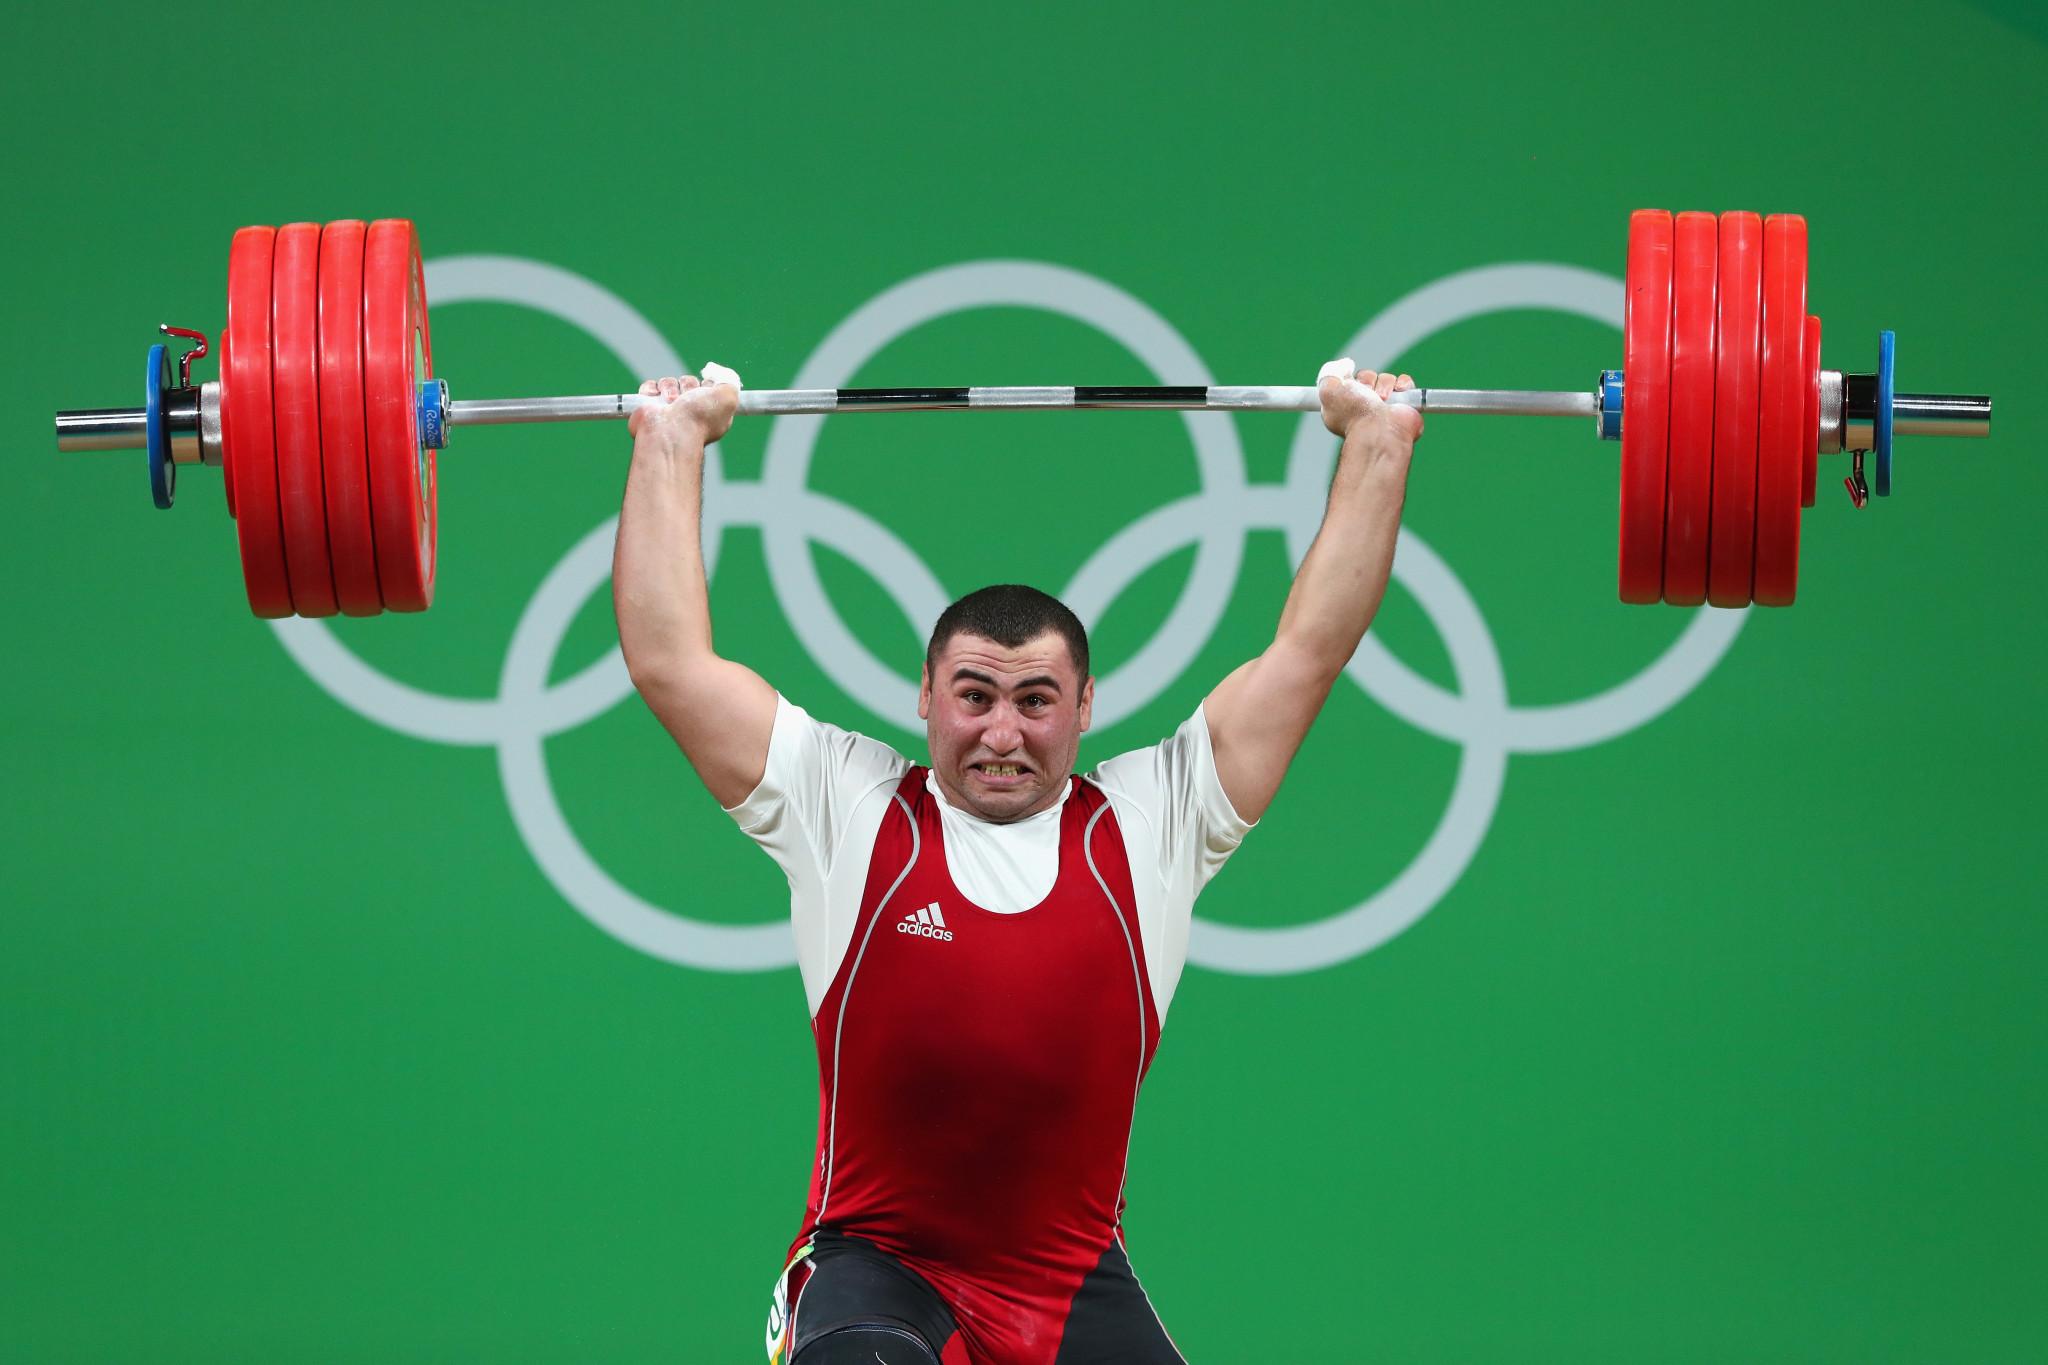 Investigan campeón olímpico luego de accidente fatal